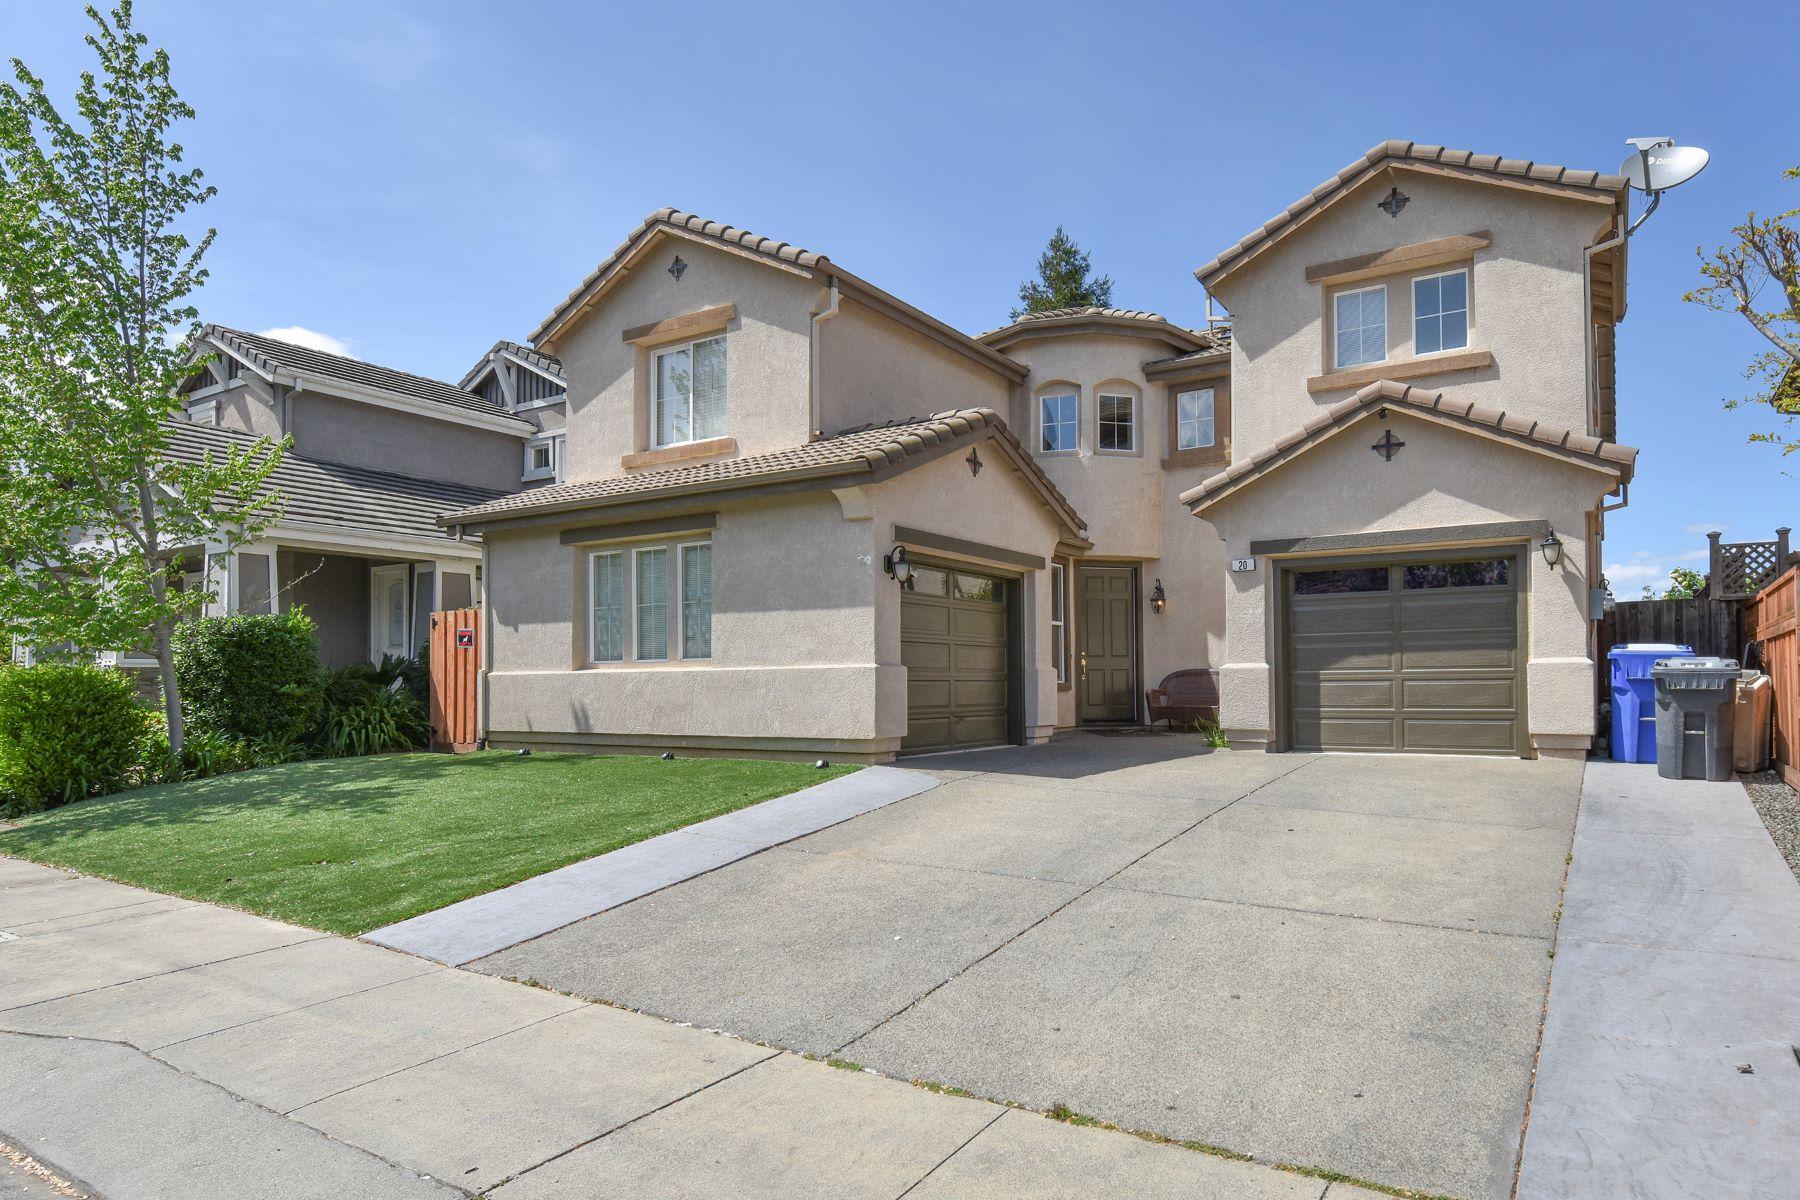 Casa para uma família para Venda às A Spacious and Elegant Home with an Open Floor Plan 20 Blackberry Drive Napa, Califórnia, 94558 Estados Unidos